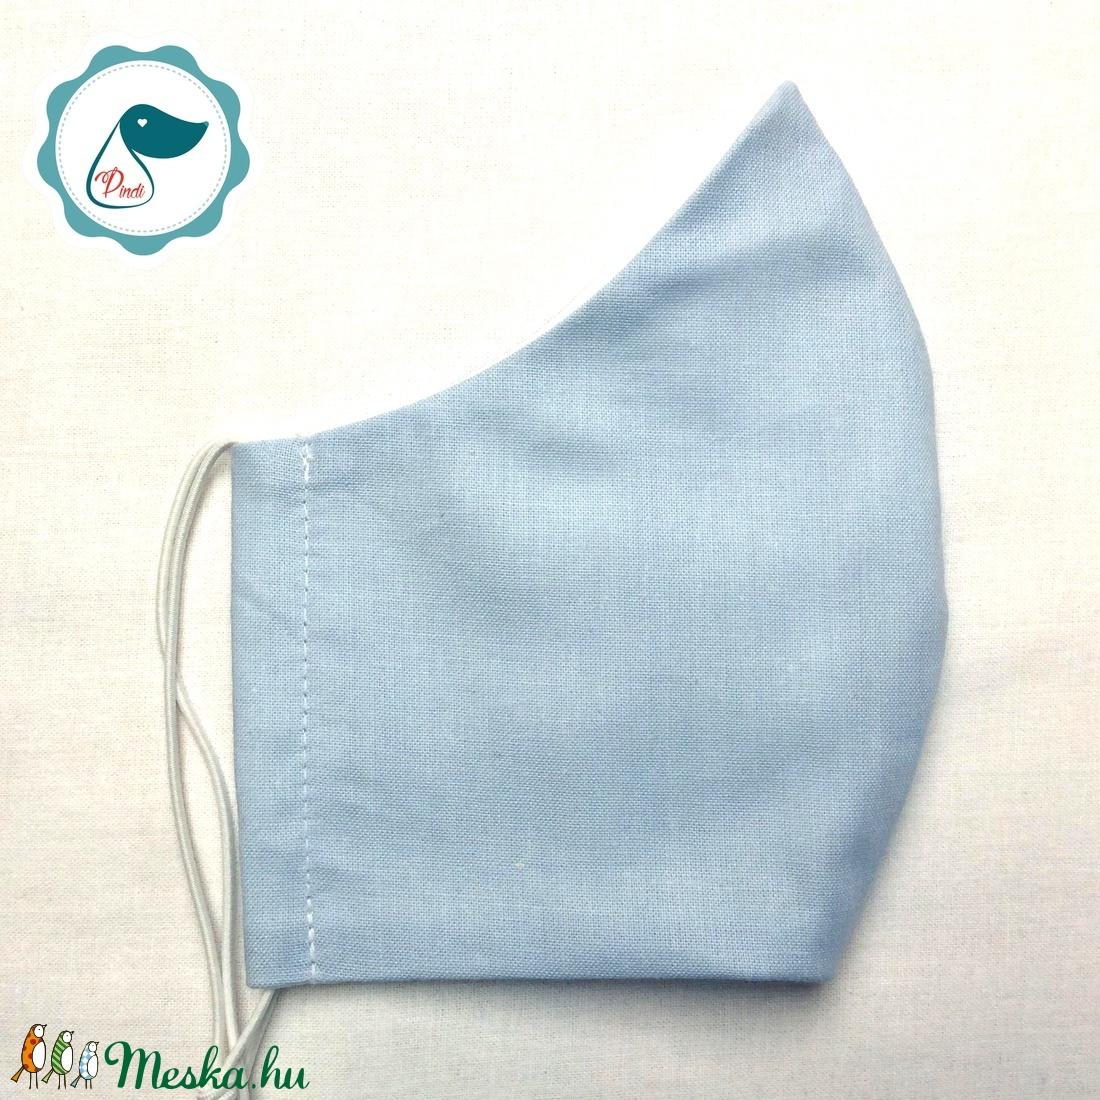 Egyedi világoskék maszk - felnőtt női és teenager szájmaszk - textil szájmaszk - egészségügyi szájmaszk (Pindiart) - Meska.hu